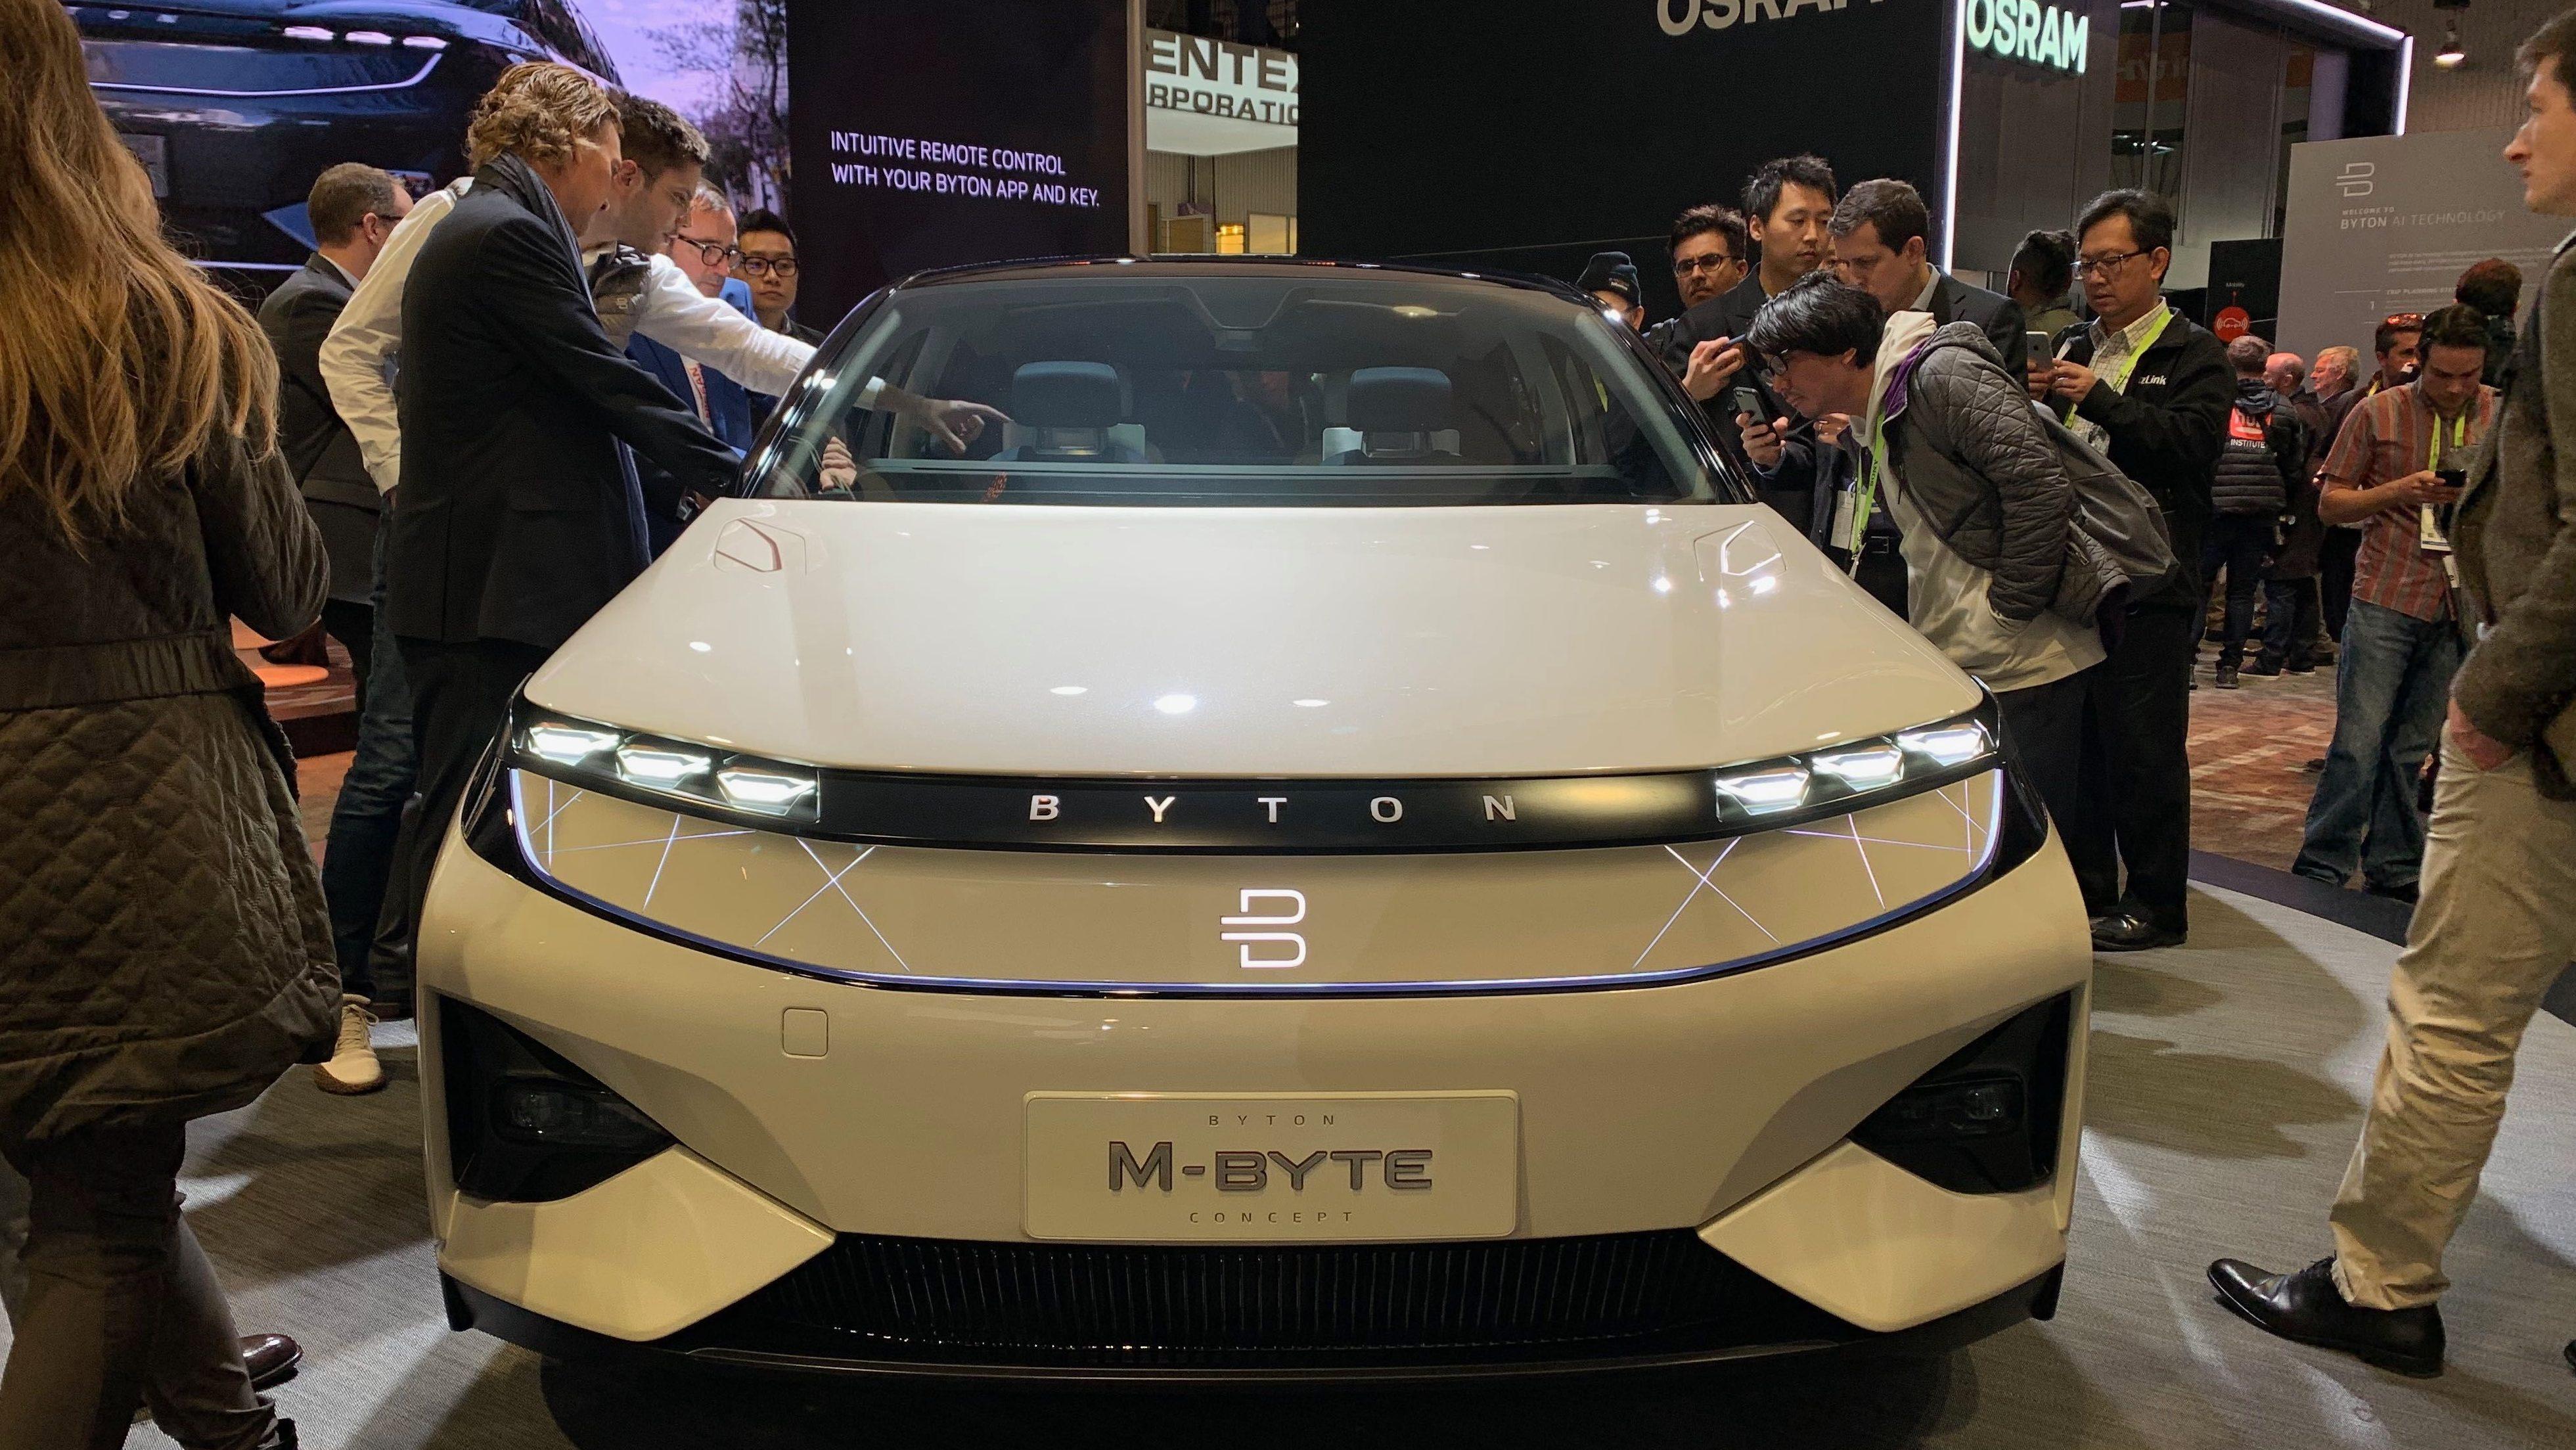 """Résultat de recherche d'images pour """"Byton, innovation, electric vehicle, ces 2019"""""""